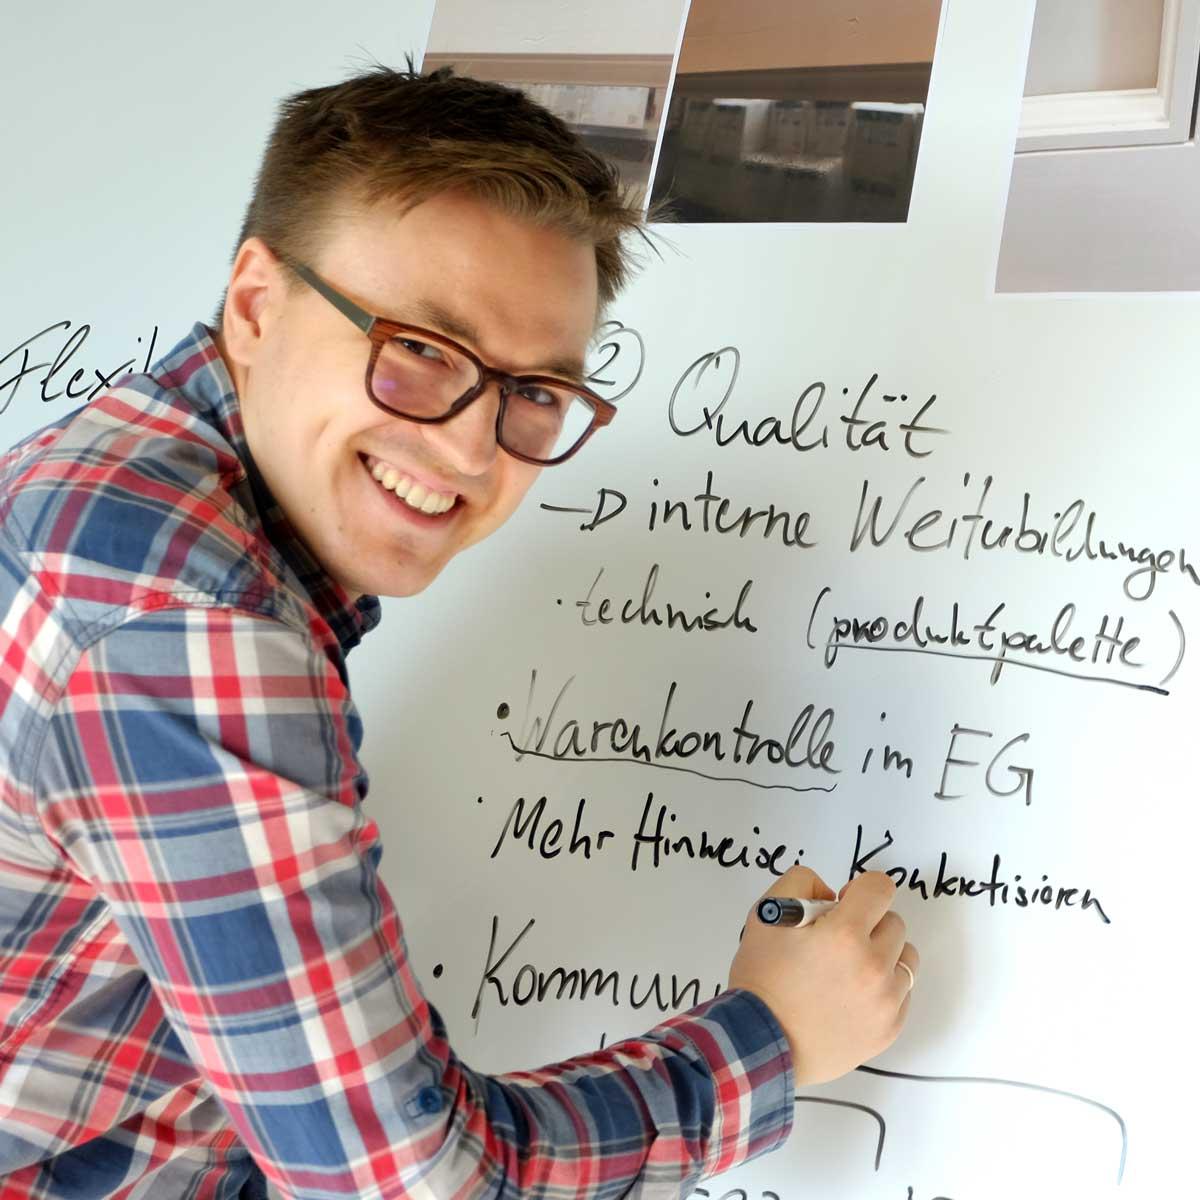 Timm Fensterbau, Karriere: Werkstudent